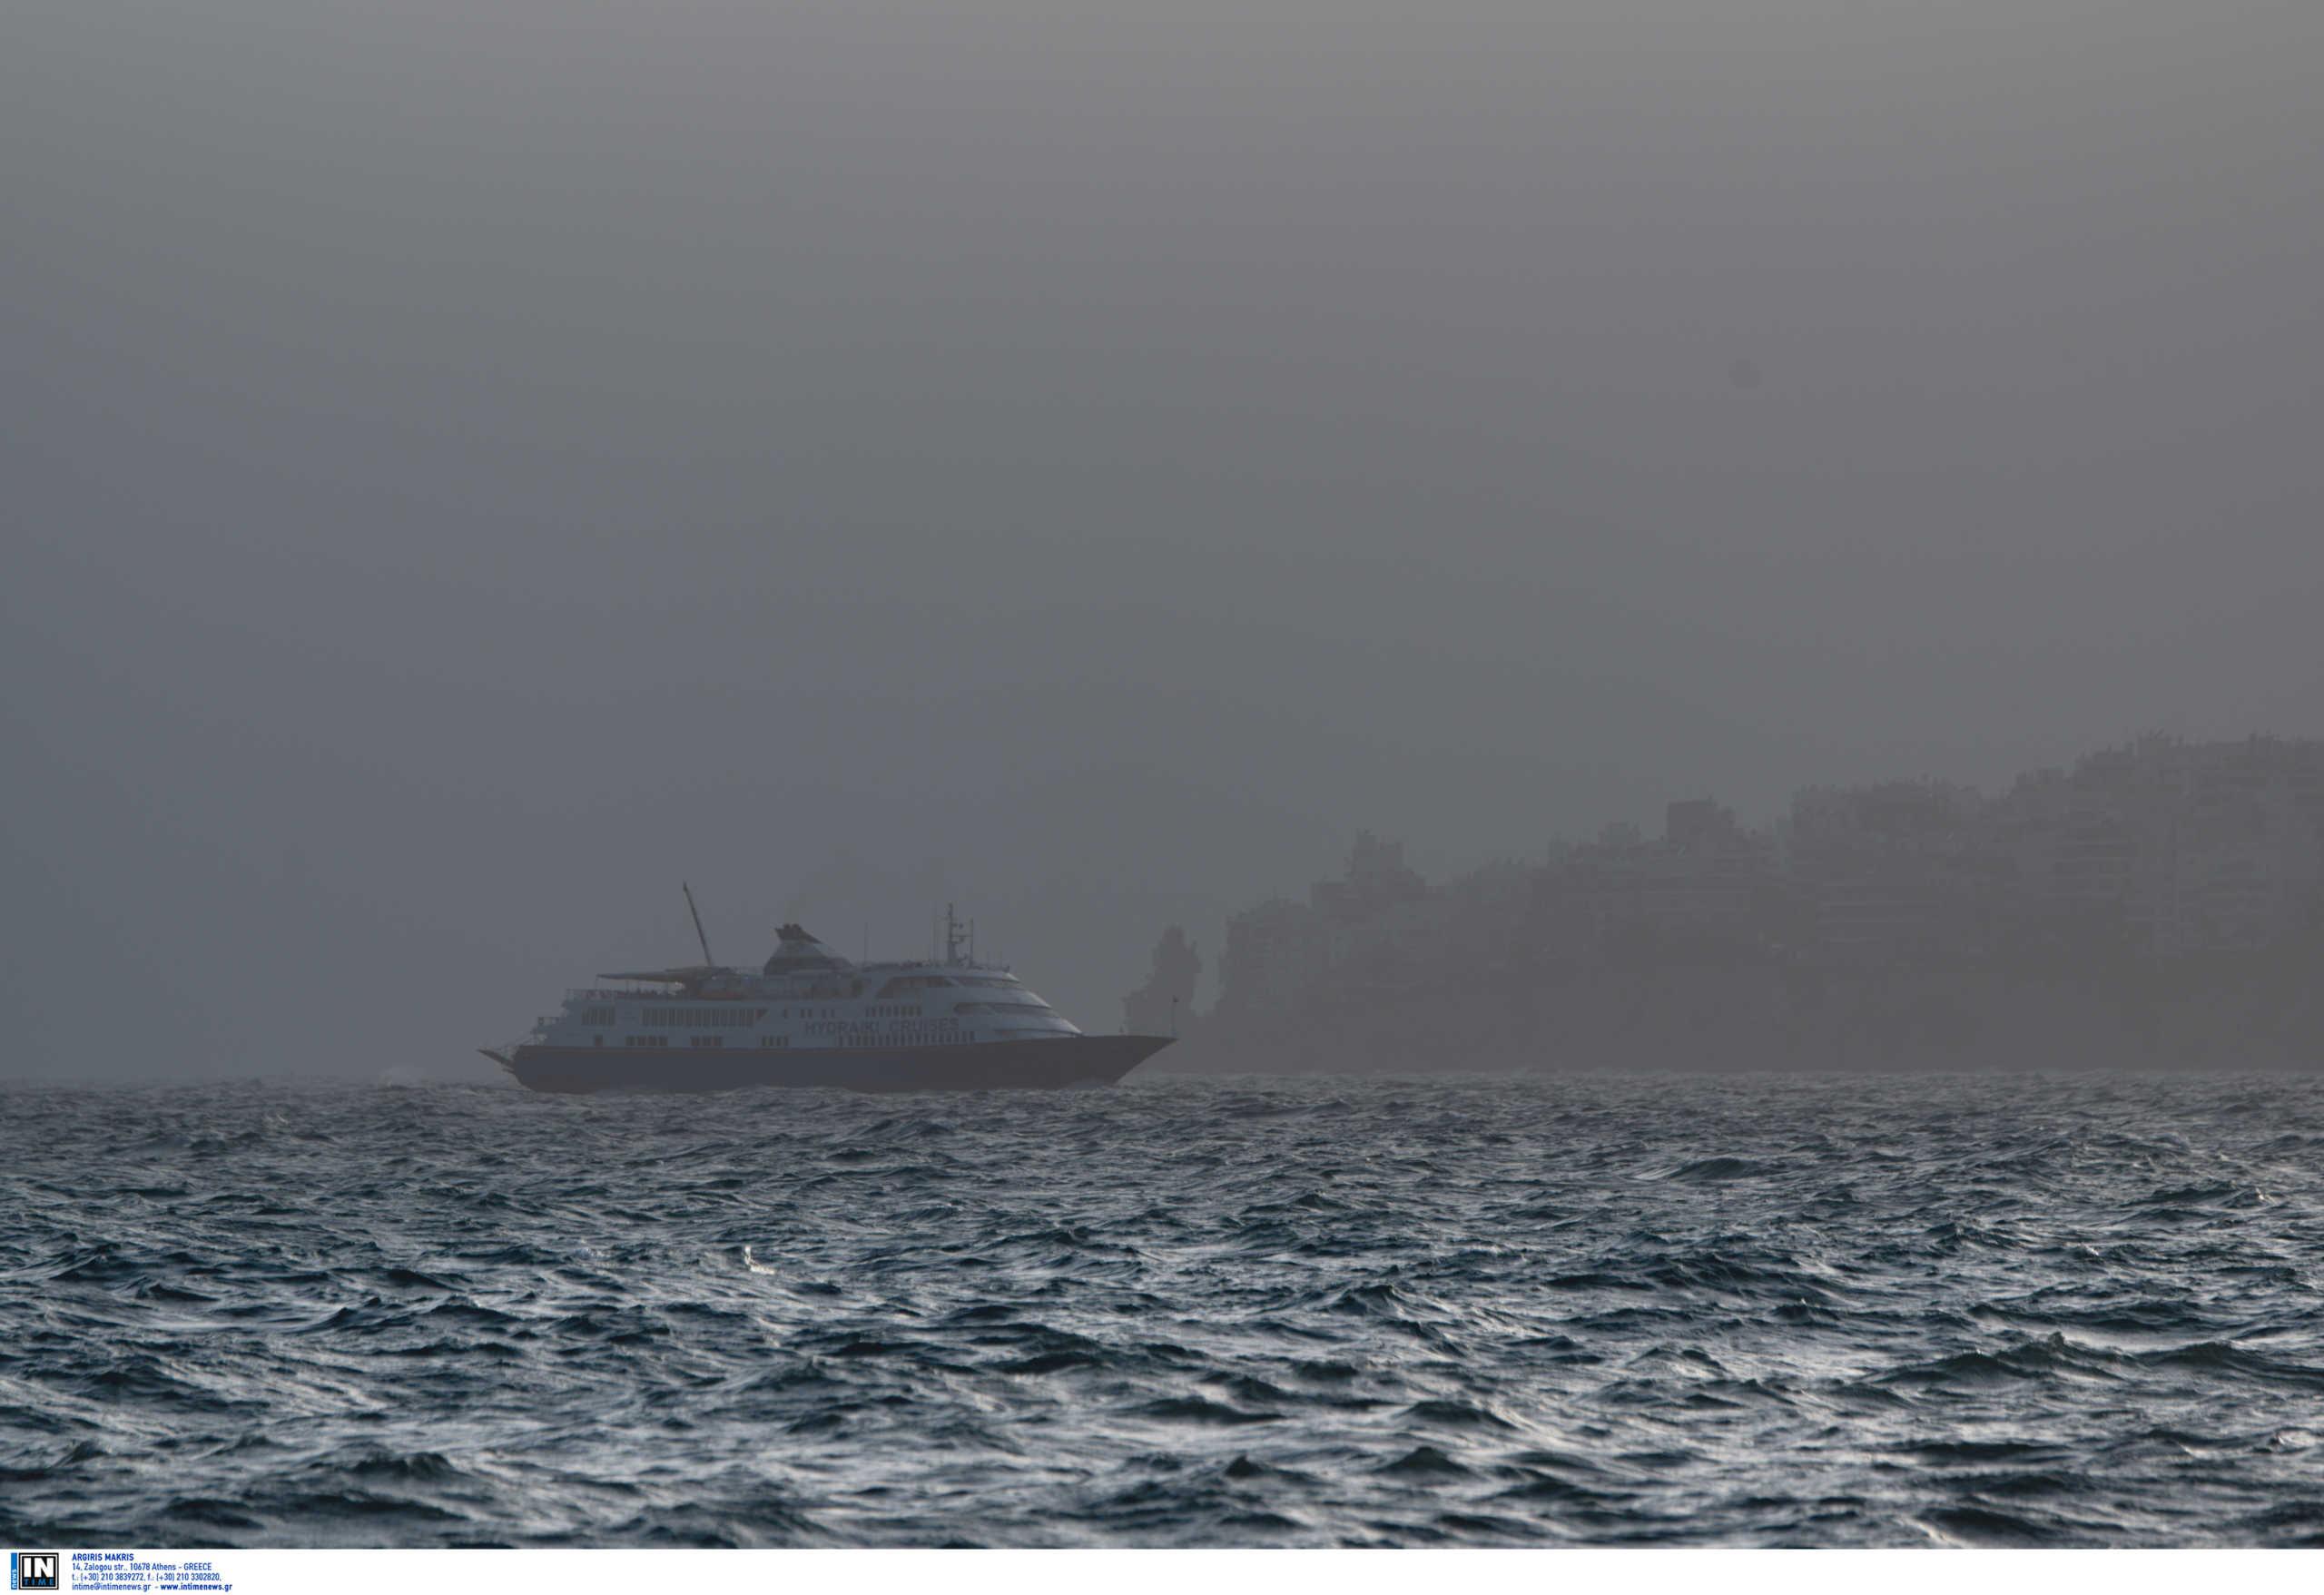 Συνεχίζει το ταξίδι για την Κέρκυρα το κρουαζιερόπλοιο MSC Opera! Προληπτικά σε καραντίνα οι επιβάτες